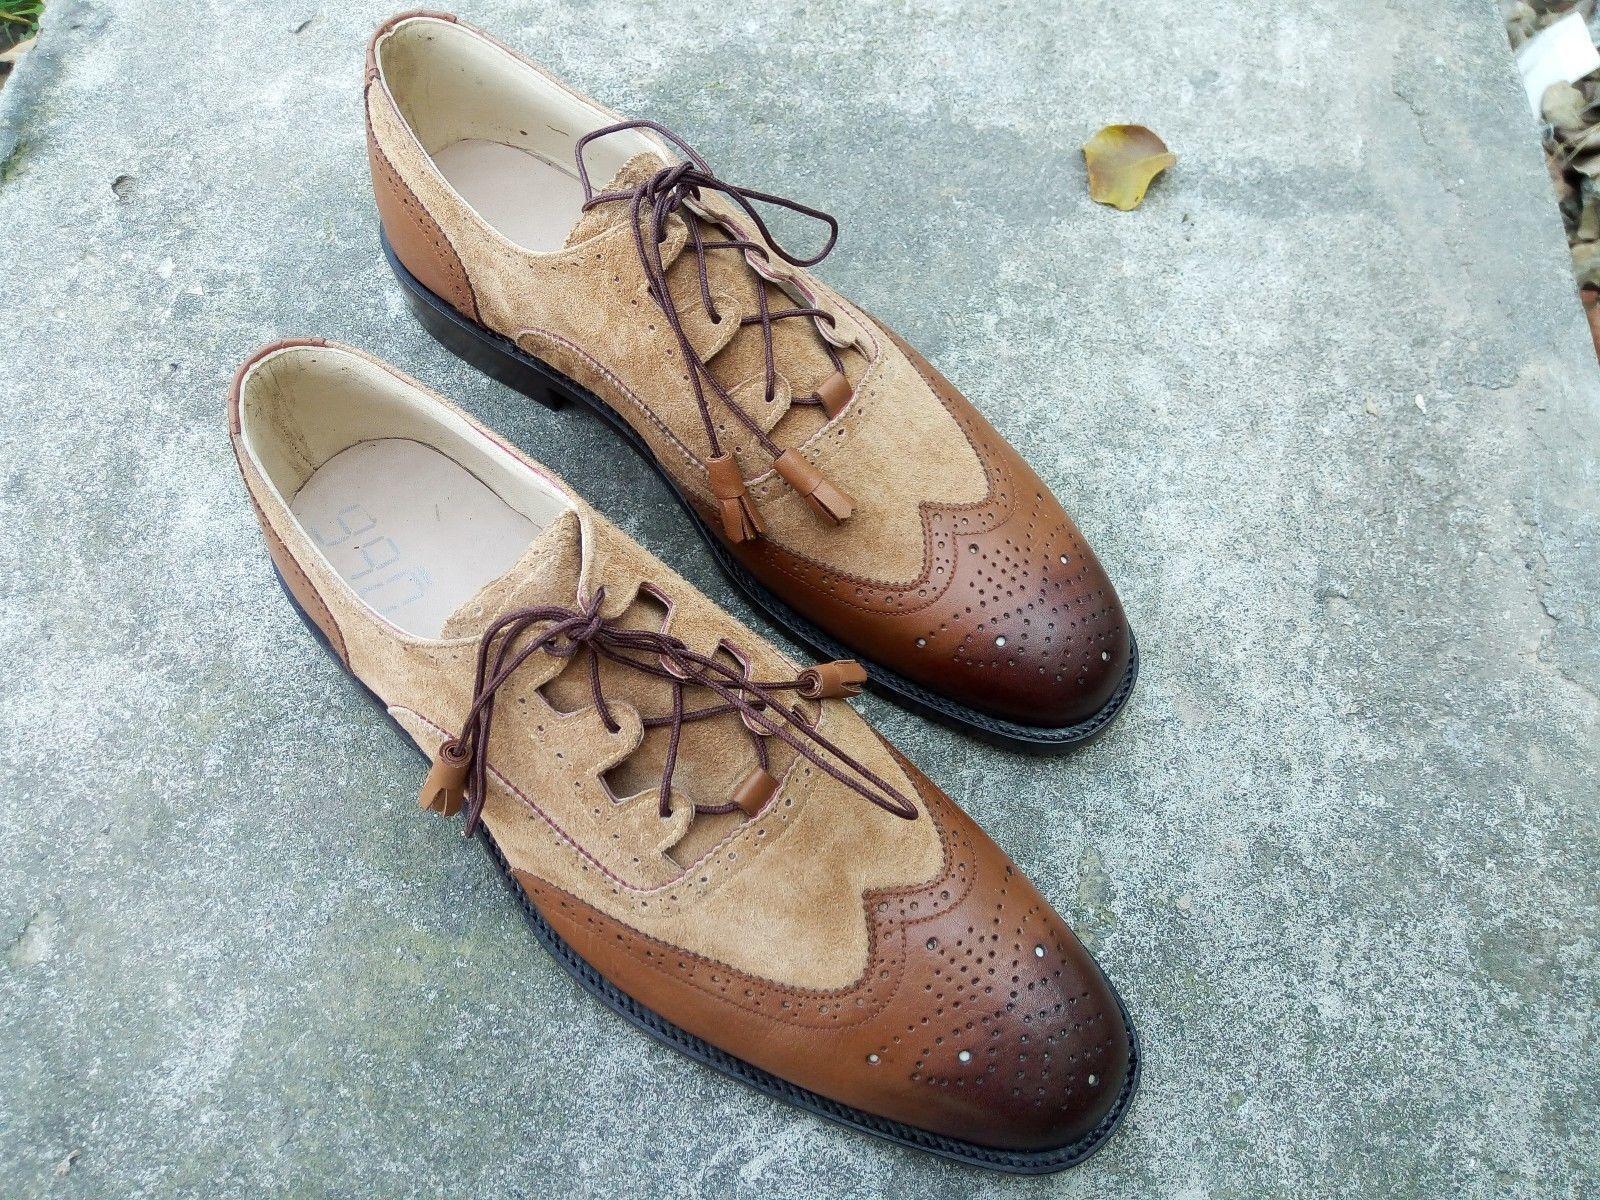 esclusivo Handmade Uomo two tone scarpe, Marrone leather leather leather and suede scarpe, beige wingtip shoe  incredibili sconti